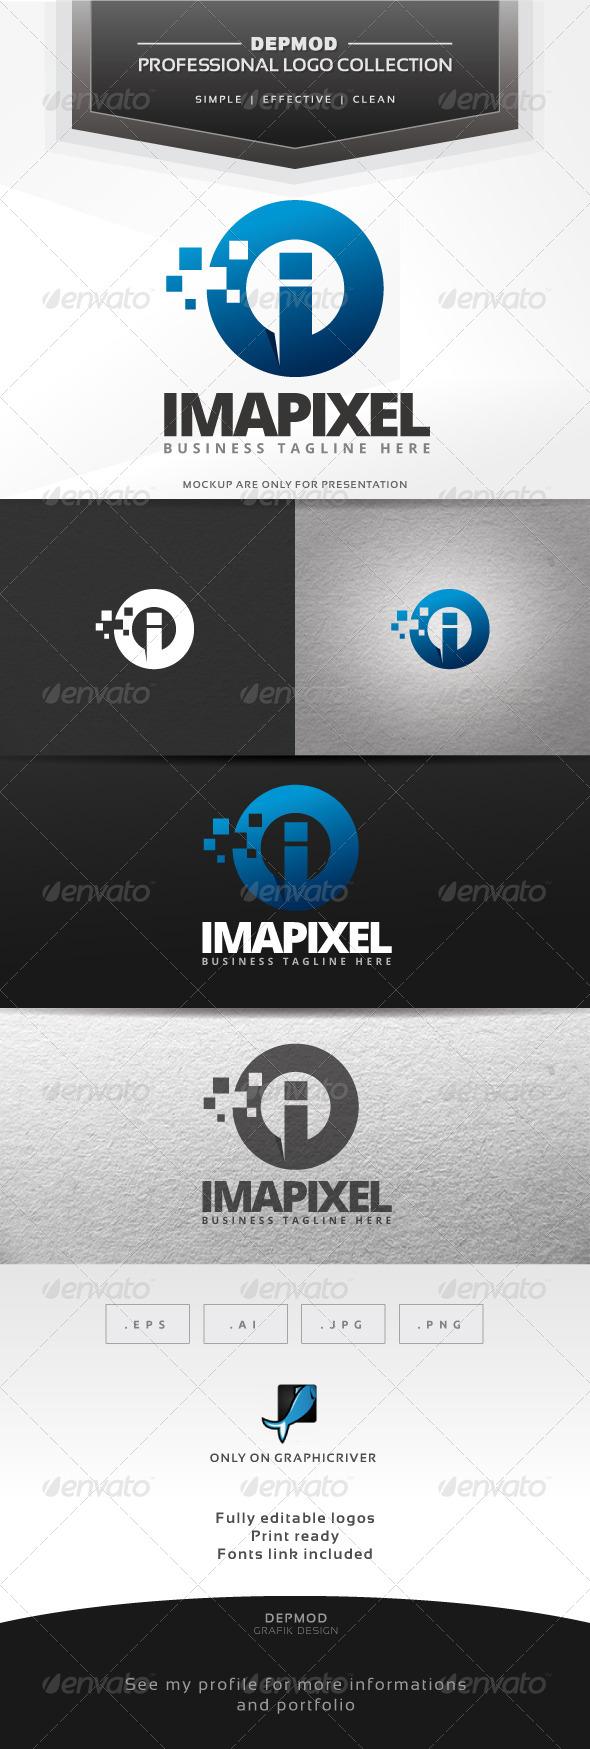 GraphicRiver Imapixel Logo 7150274